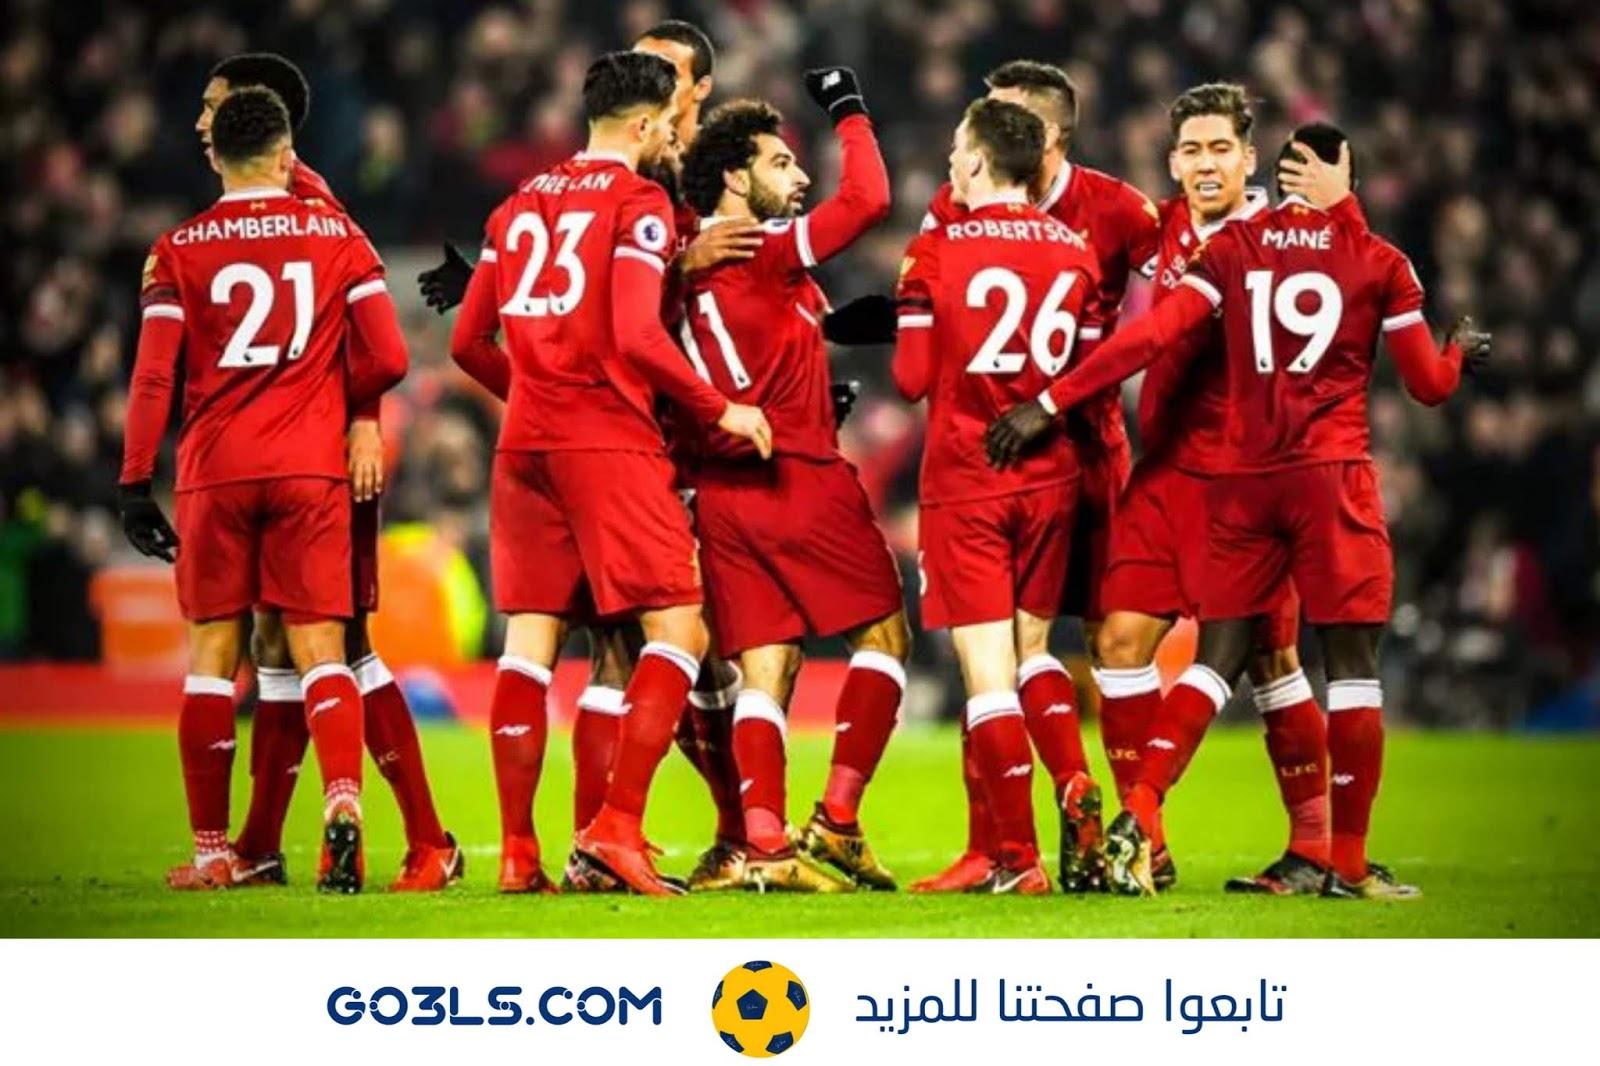 صور ليفربول